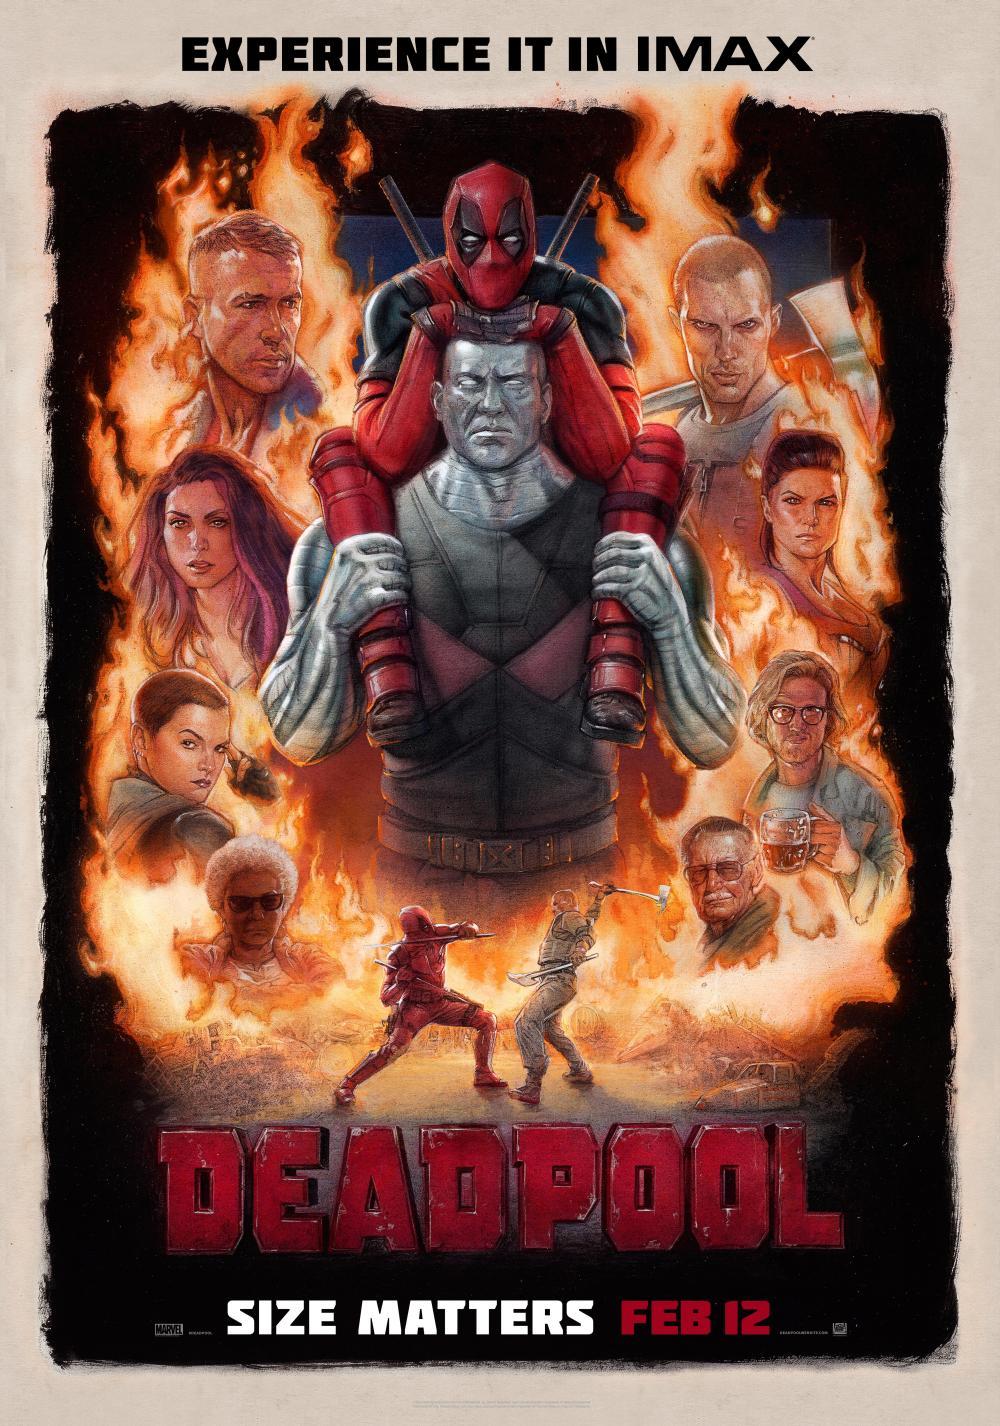 《死侍》(Deadpool)中文全长预告首发 小贱贱口无遮拦秀下限